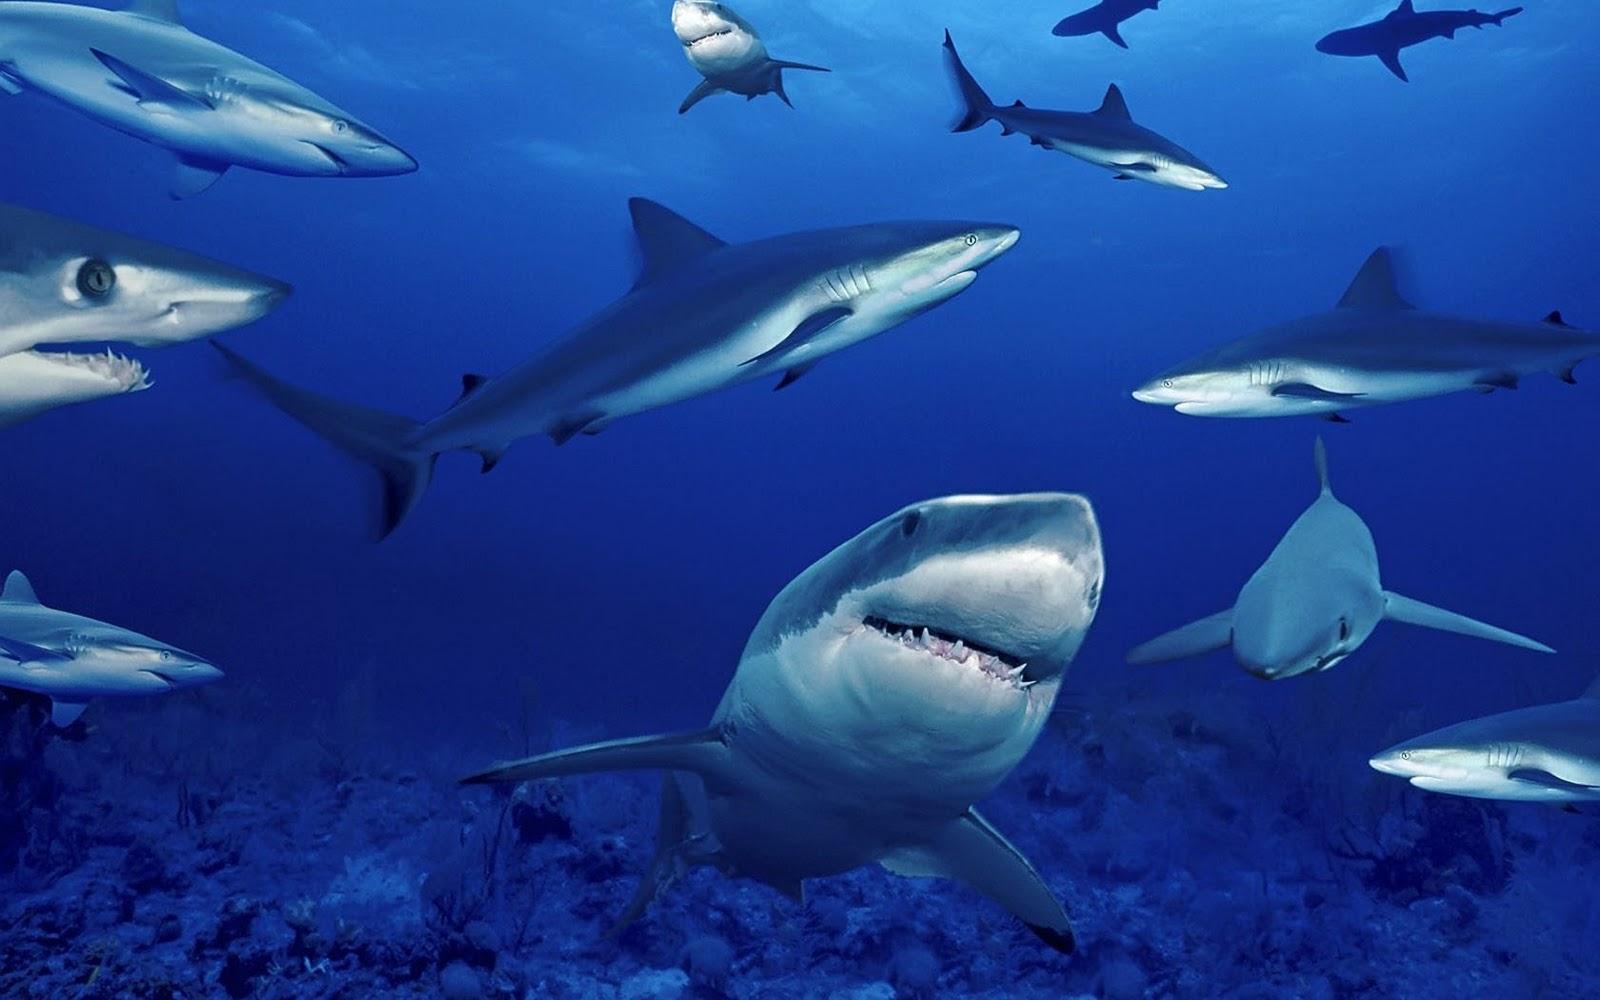 стая акул, фото, обои для рабочего стола